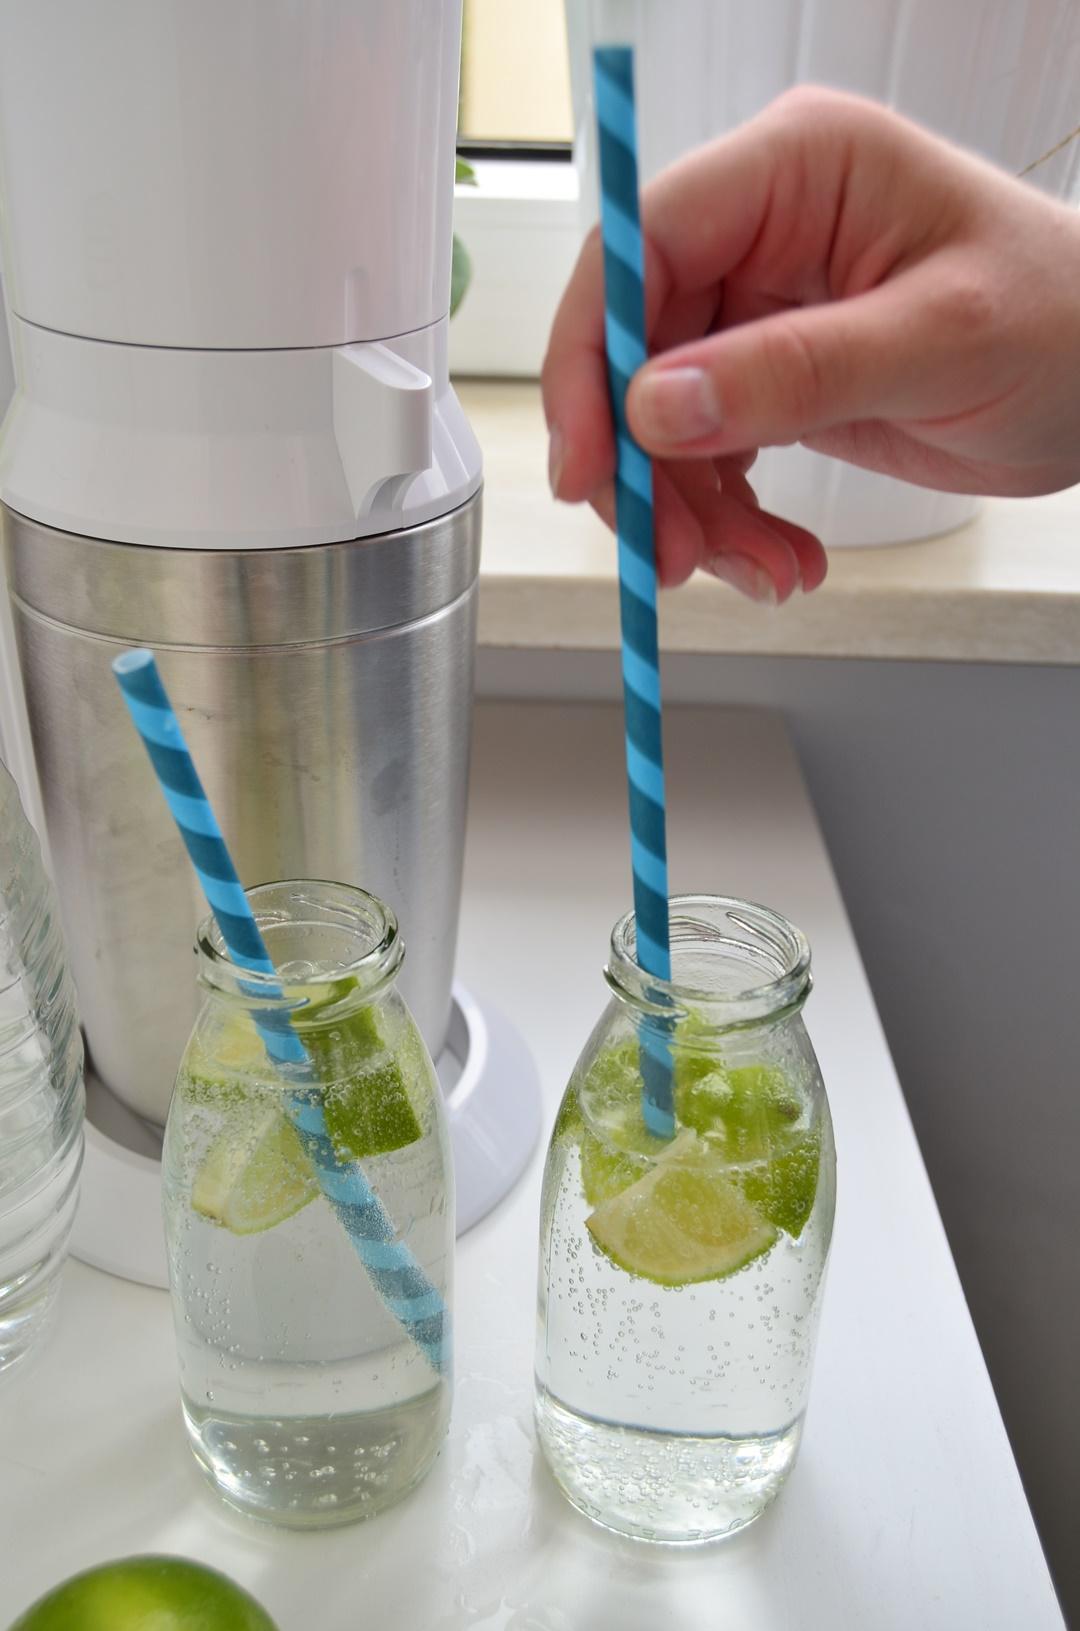 Soda Stream_Wassersprudler_Wasser aufsprudeln_Wasser trinken_ausreichend Wasser trinken_SodaStream_Soda_Annanikabu_Nachhaltiger Blog (9)